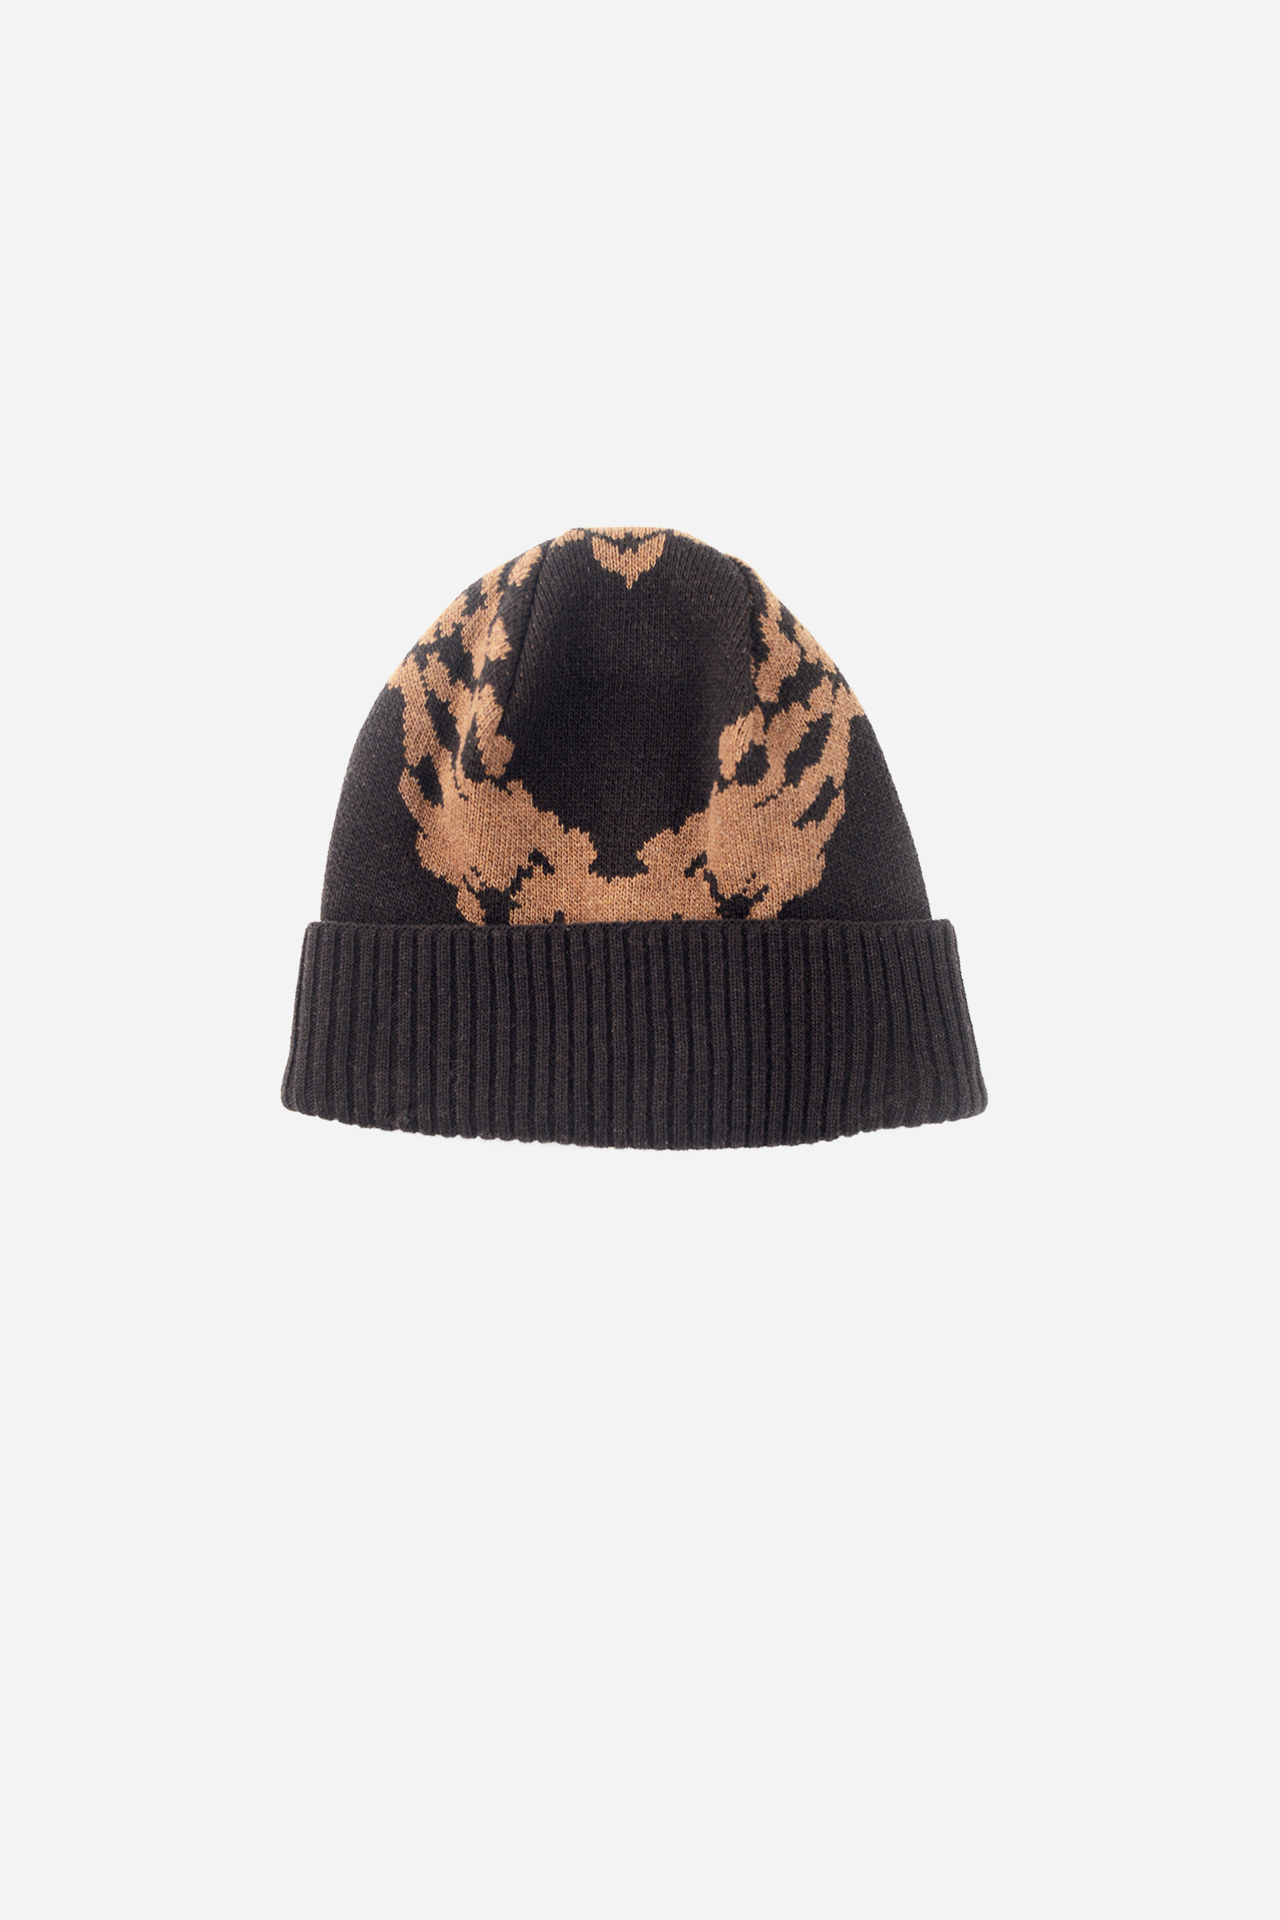 Jacquard Knit Beanie Brown